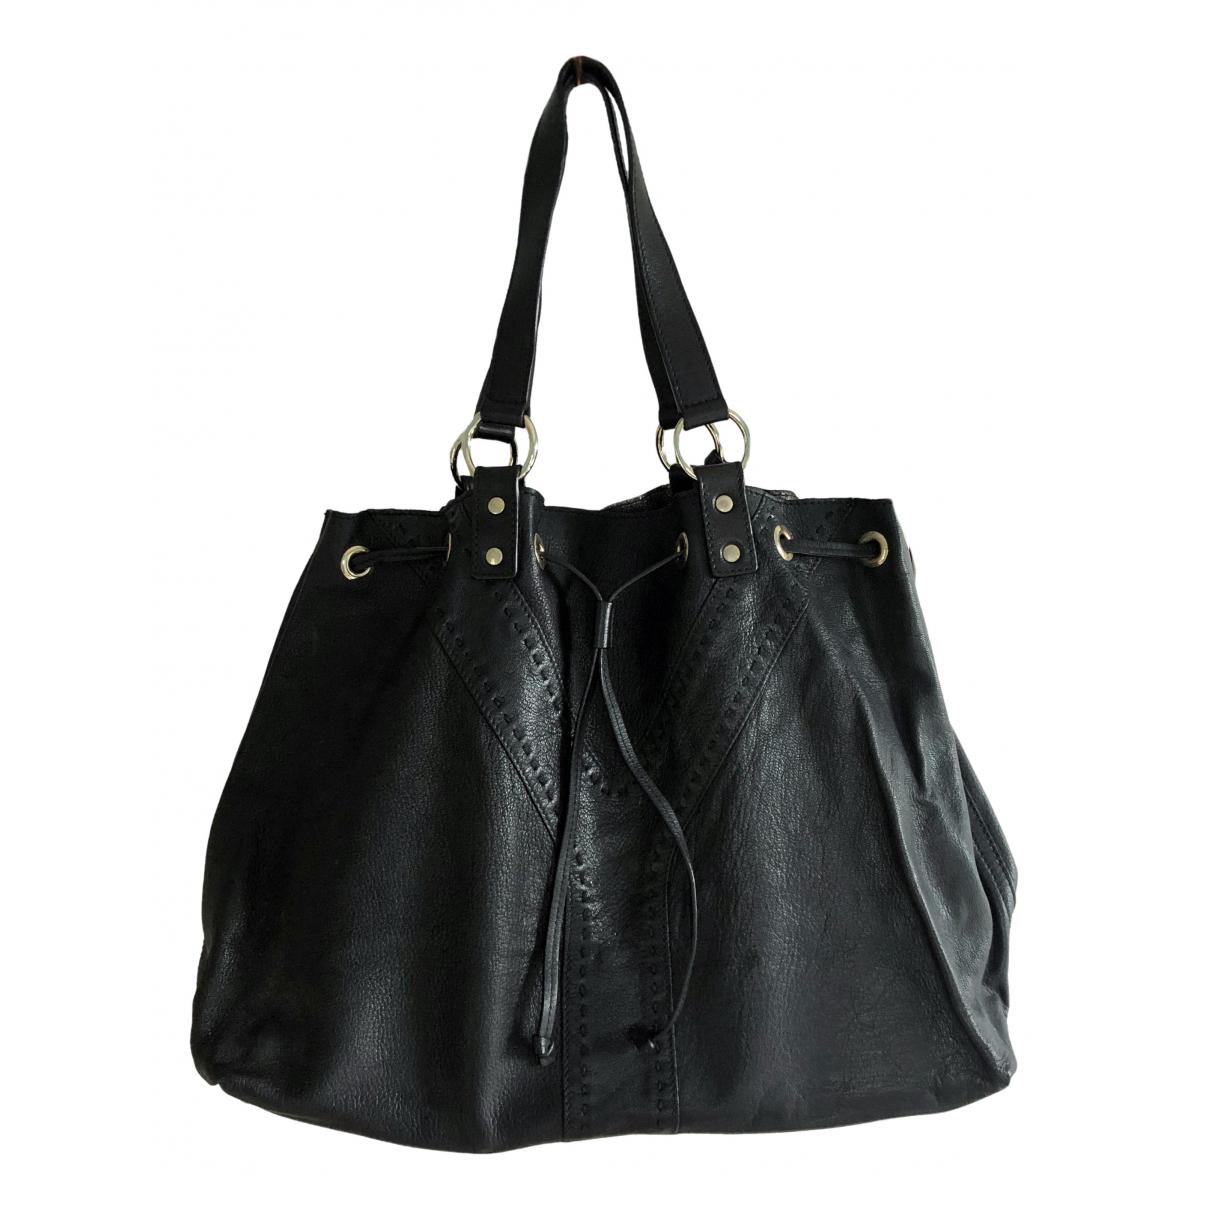 Yves Saint Laurent \N Black Leather handbag for Women \N